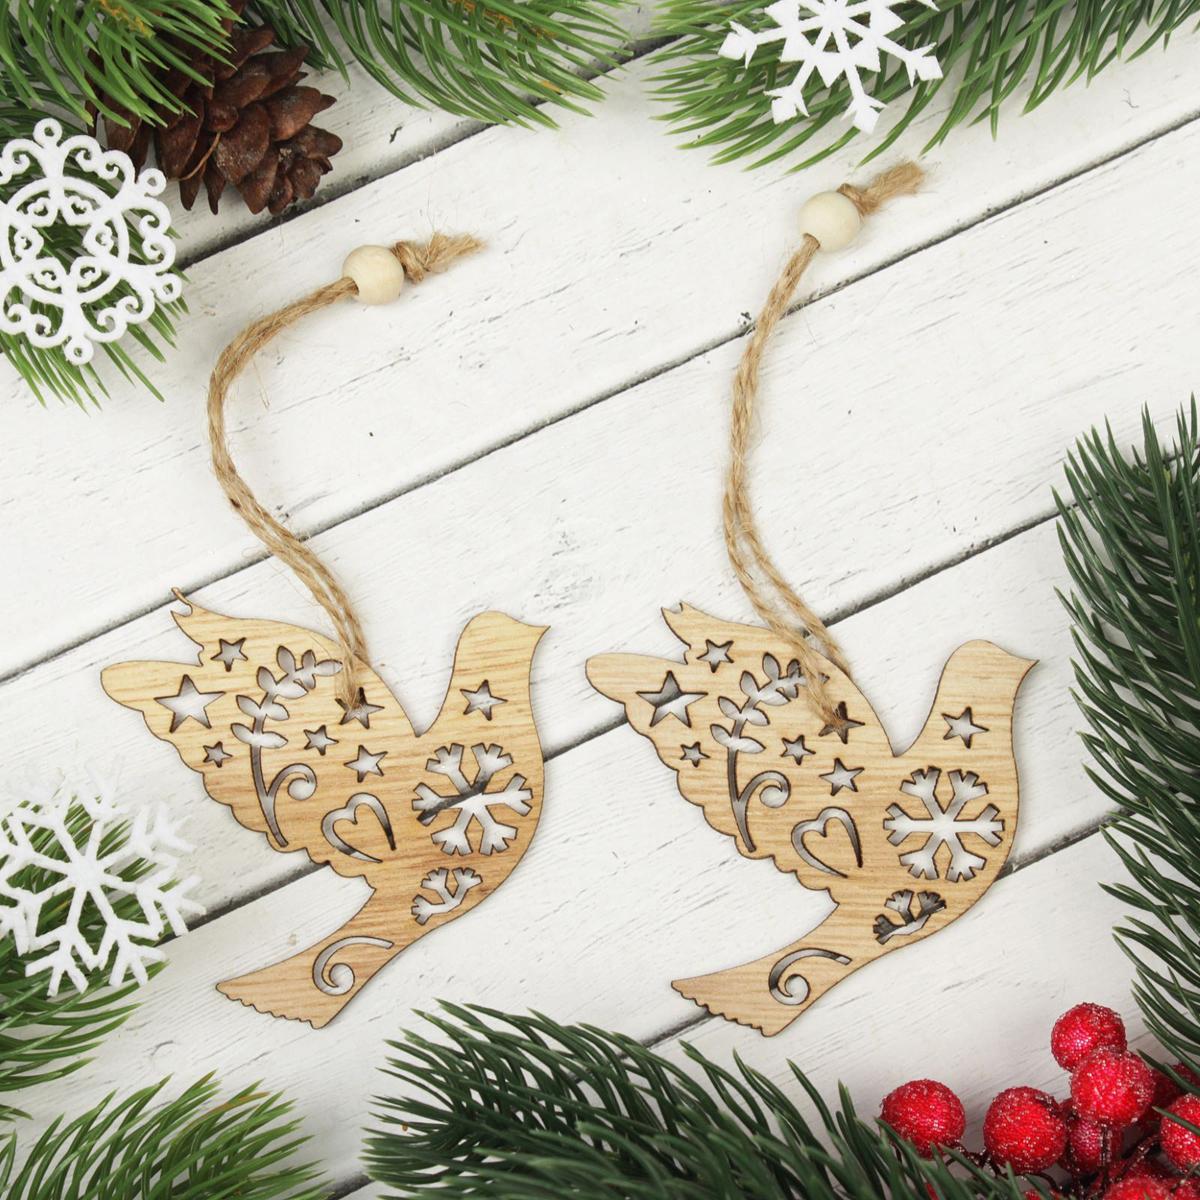 Подвеска новогодняя  Снежная птица, 2 шт2303255Невозможно представить нашу жизнь без праздников! Мы всегда ждем их и предвкушаем, обдумываем, как проведем памятный день, тщательно выбираем подарки и аксессуары, ведь именно они создают и поддерживают торжественный настрой. Это отличный выбор, который привнесет атмосферу праздника в ваш дом!